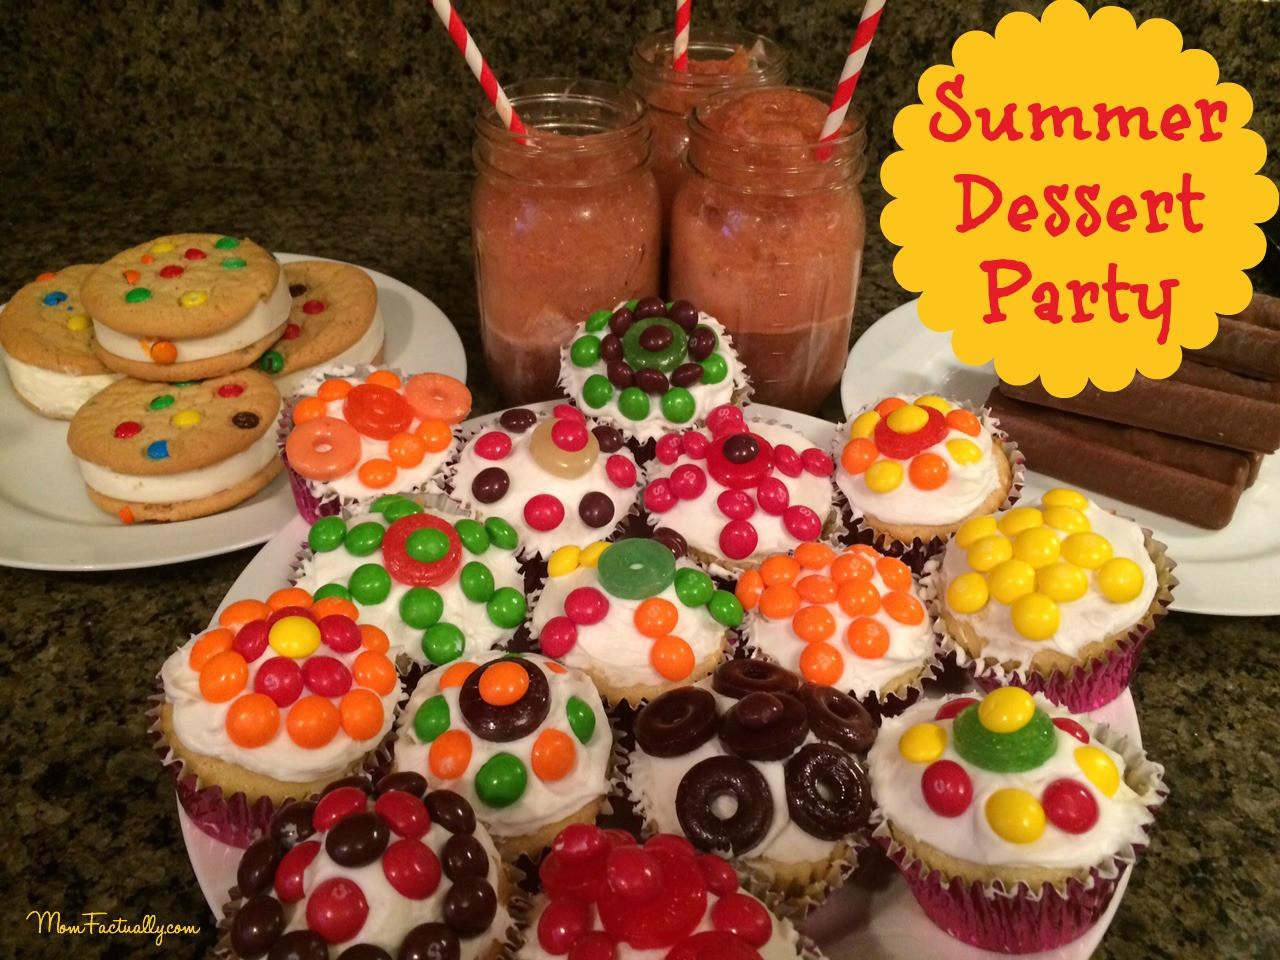 Summer Party Desserts  summer dessert party